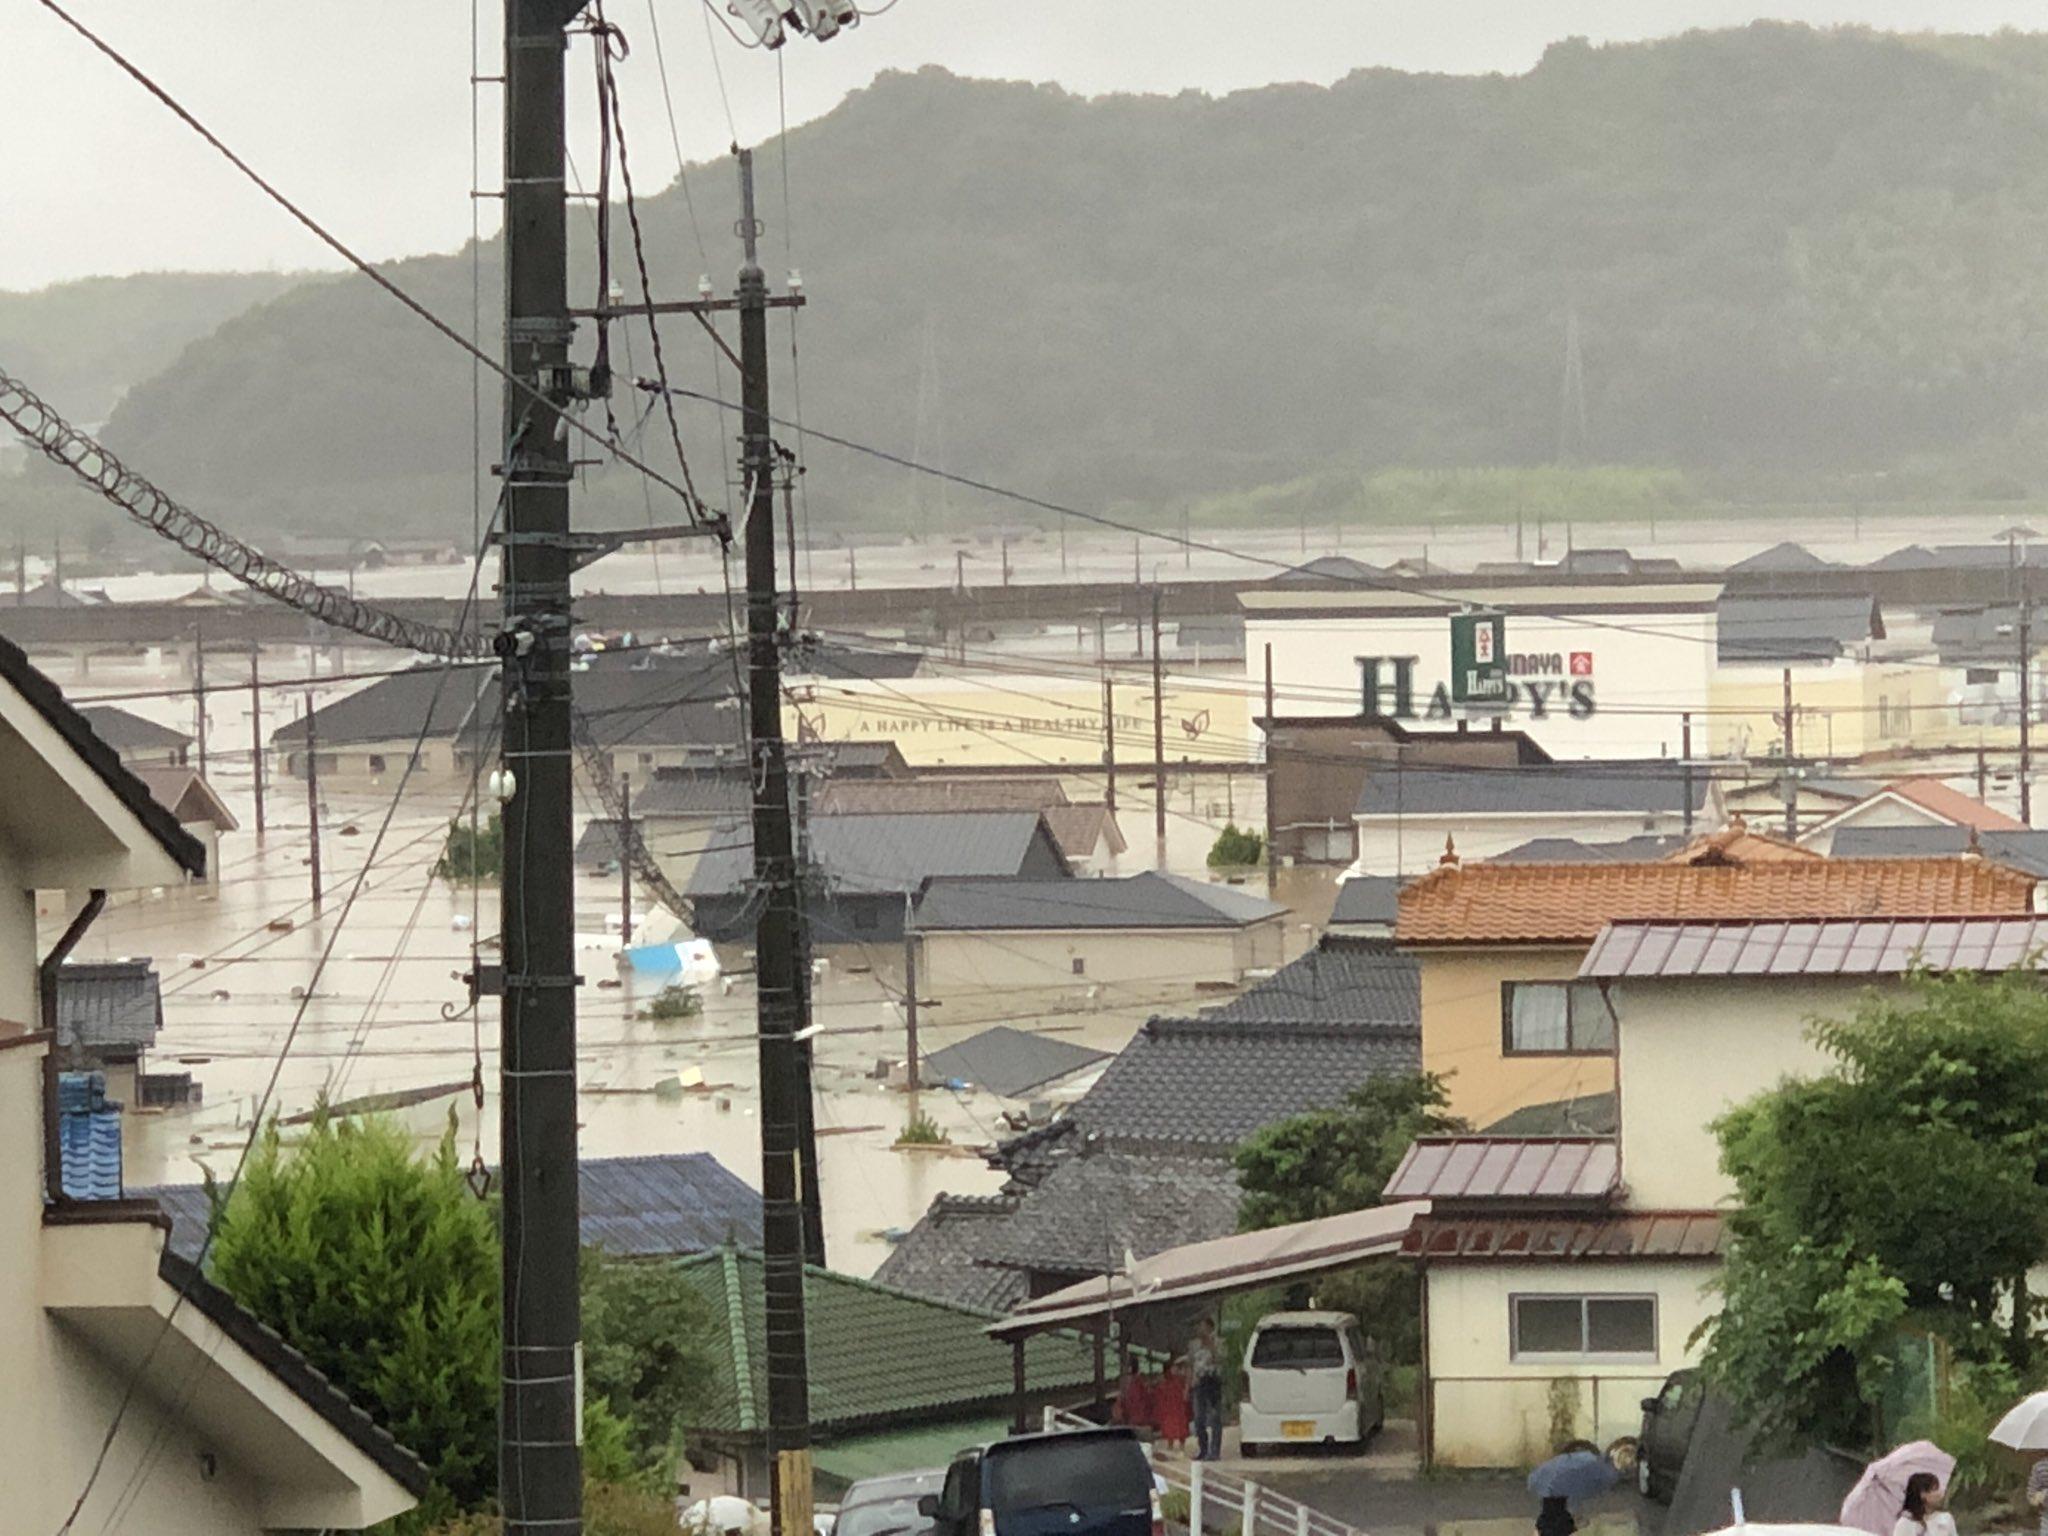 画像,岡山県倉敷市真備町の現状です。昨日、神奈川から帰省し、買い物をしたスーパーが看板だけを残して沈んでいます。幸い私の家は丘の上で、家族みんな無事です。友達からの情…